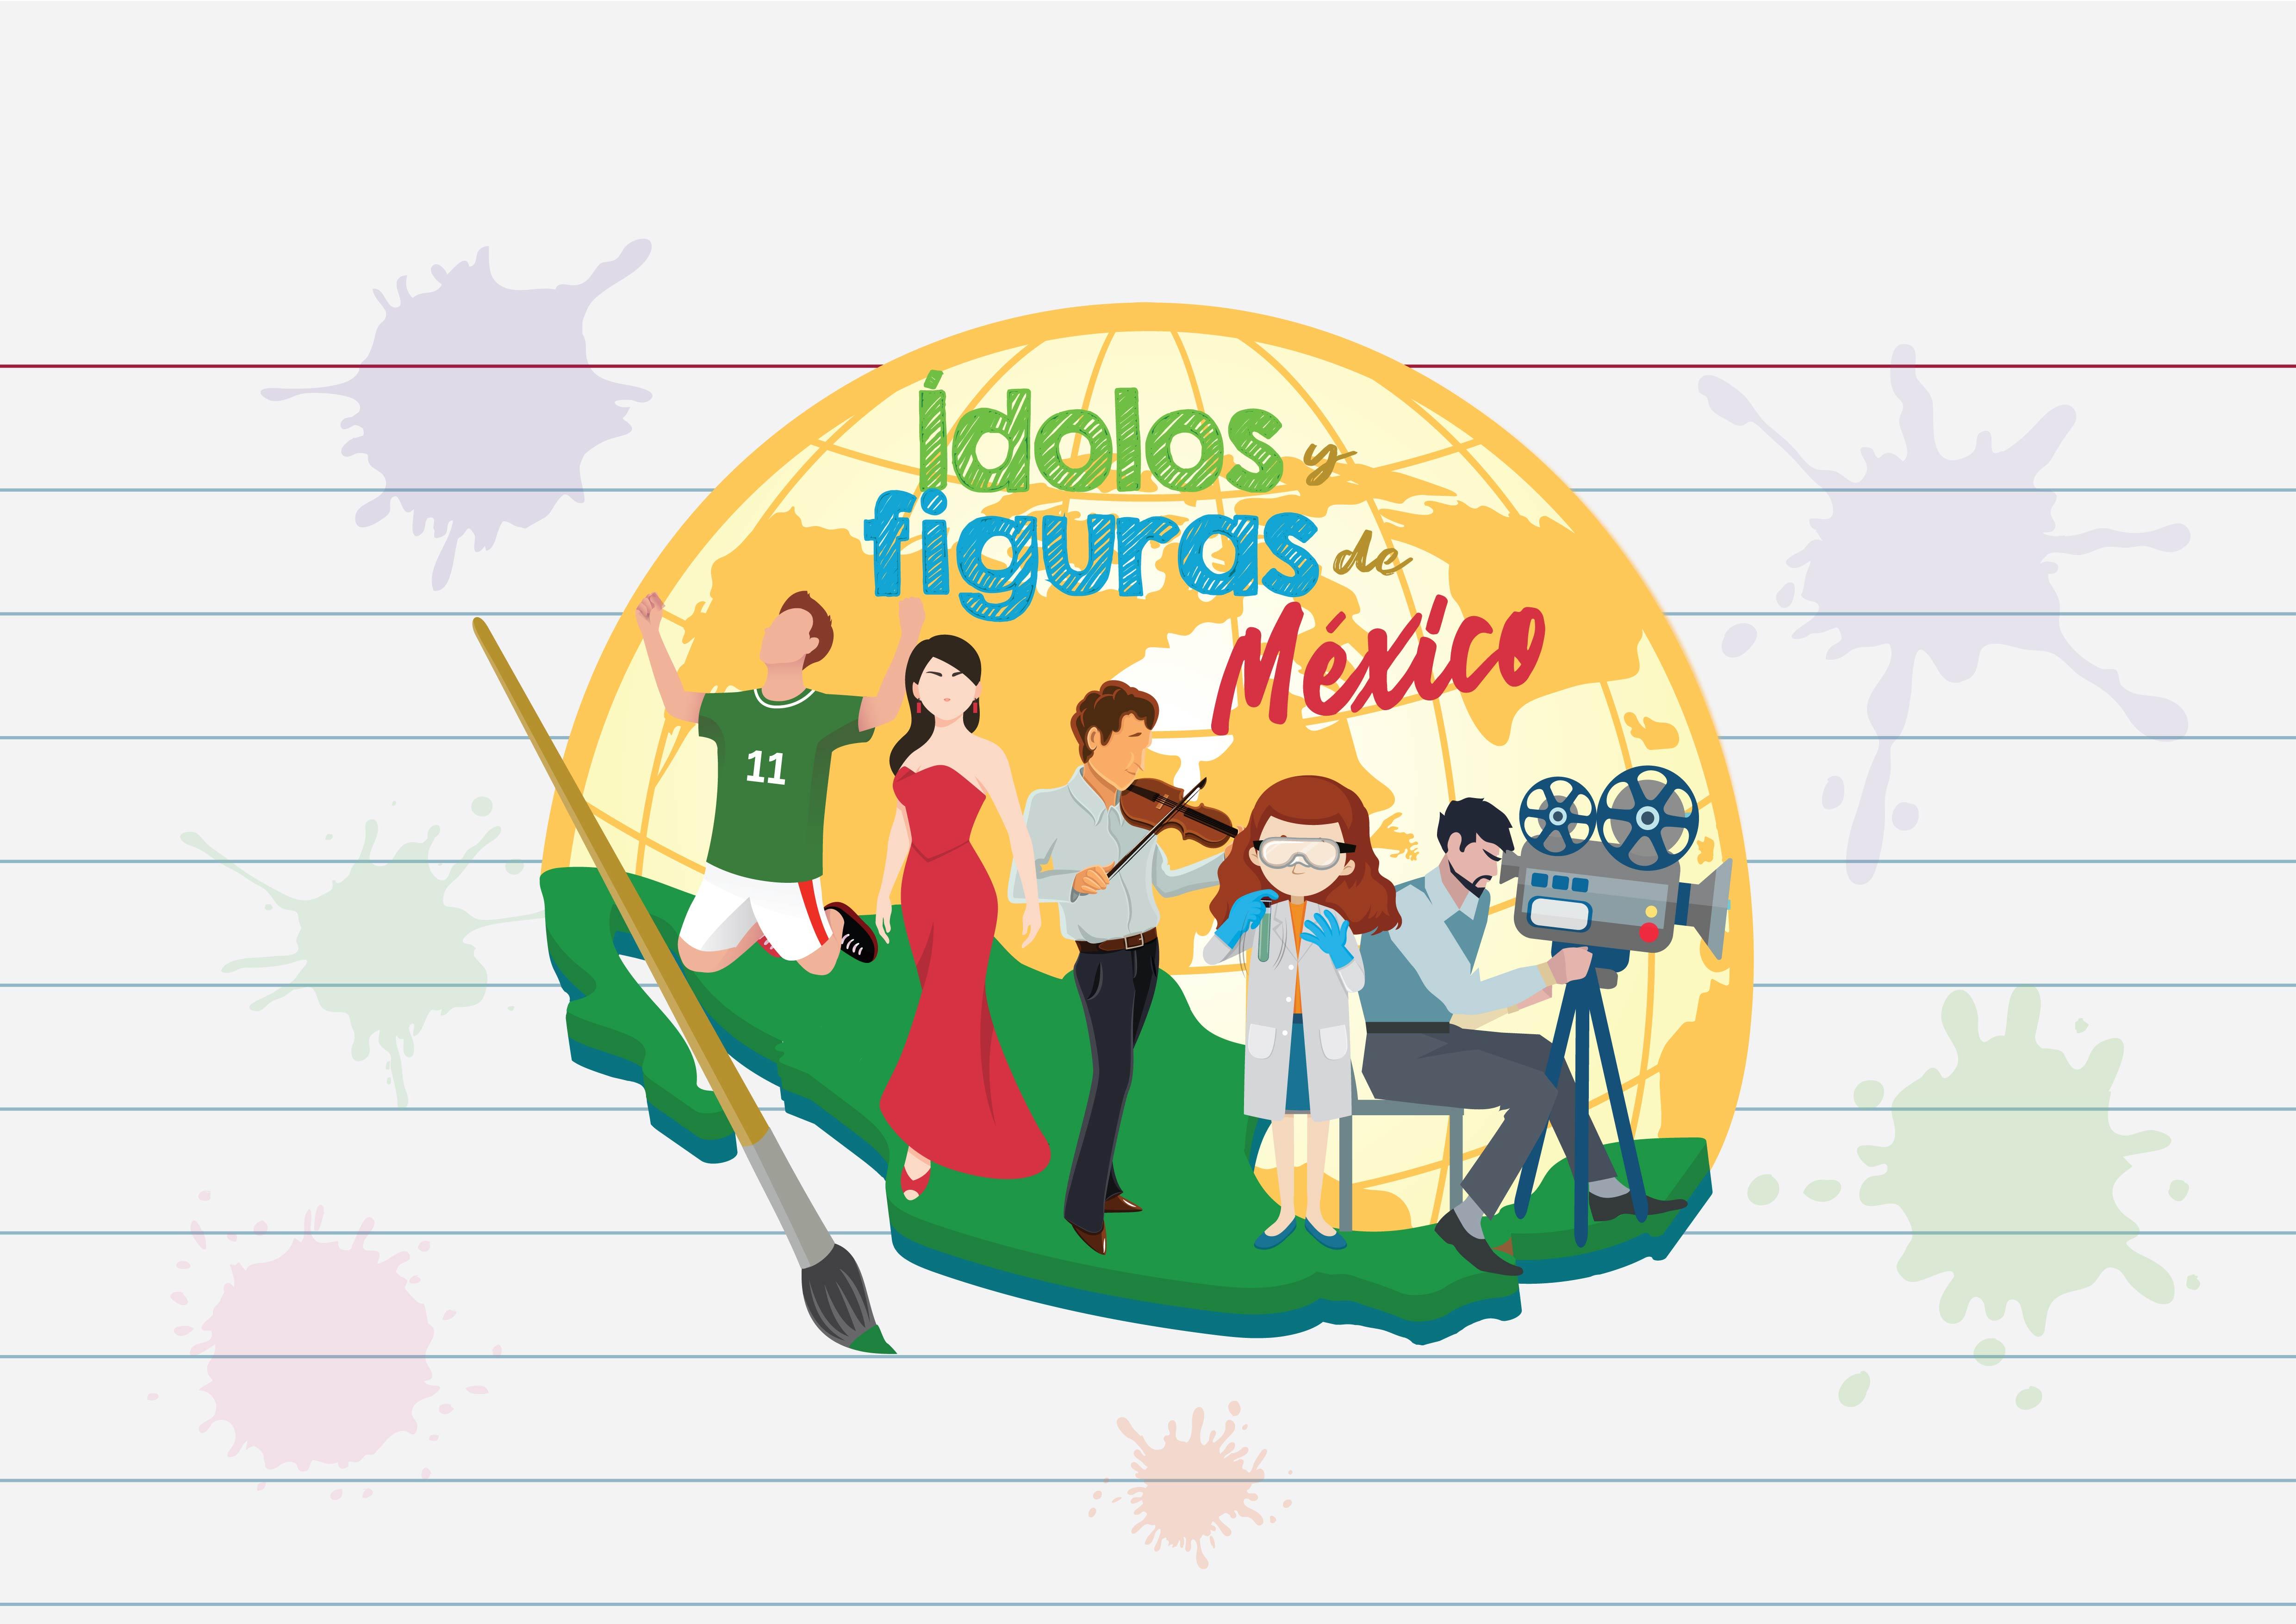 Atención Niñas Y Niños De Todo El Mundo Los Invitamos A Participar